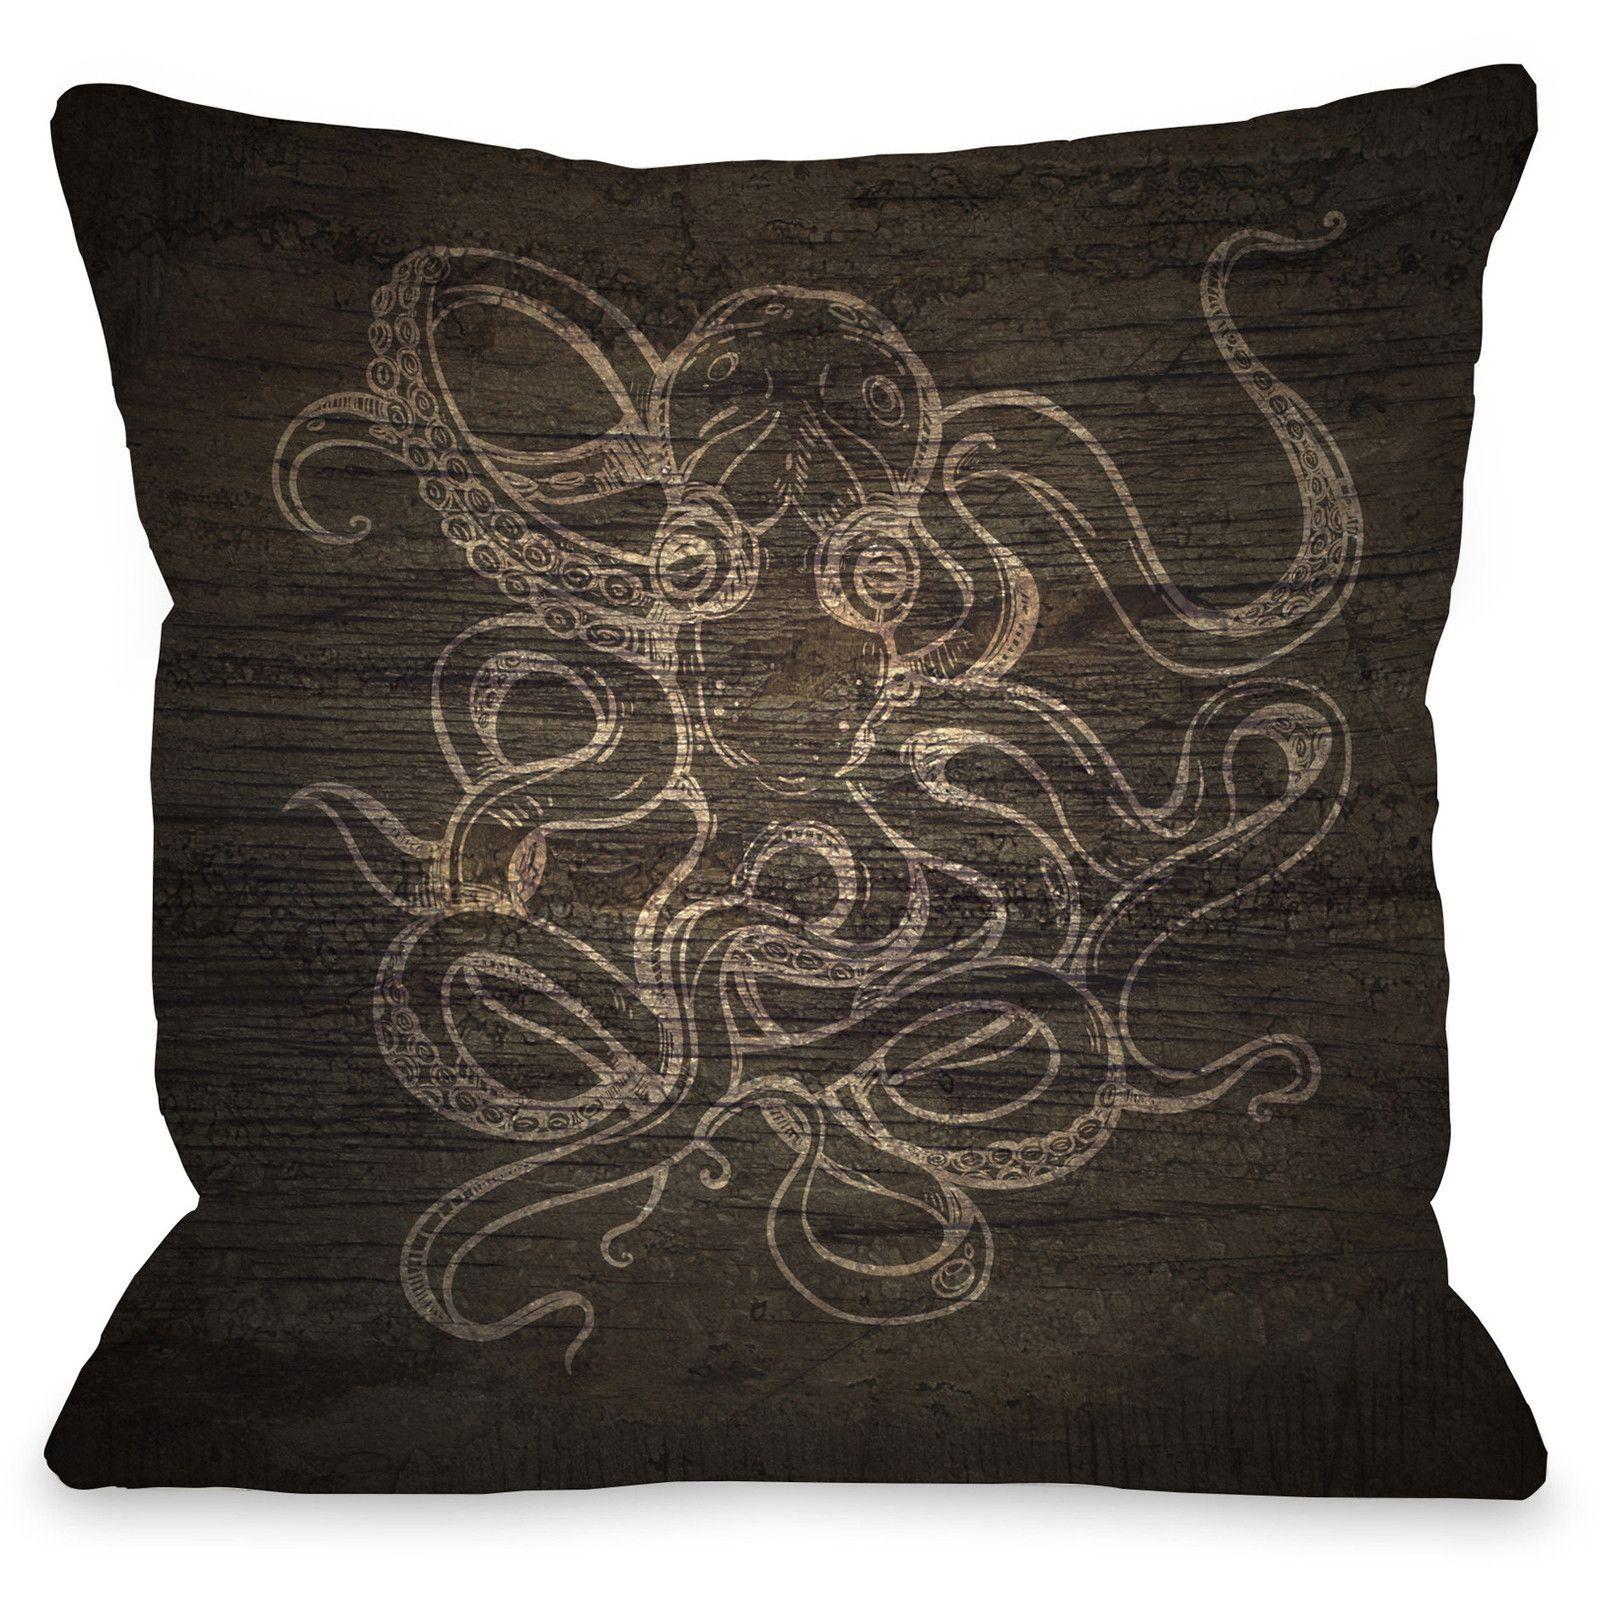 """Octopus Wood Sketch"""" Indoor Throw Pillow by OneBellaCasa, 16""""x16"""